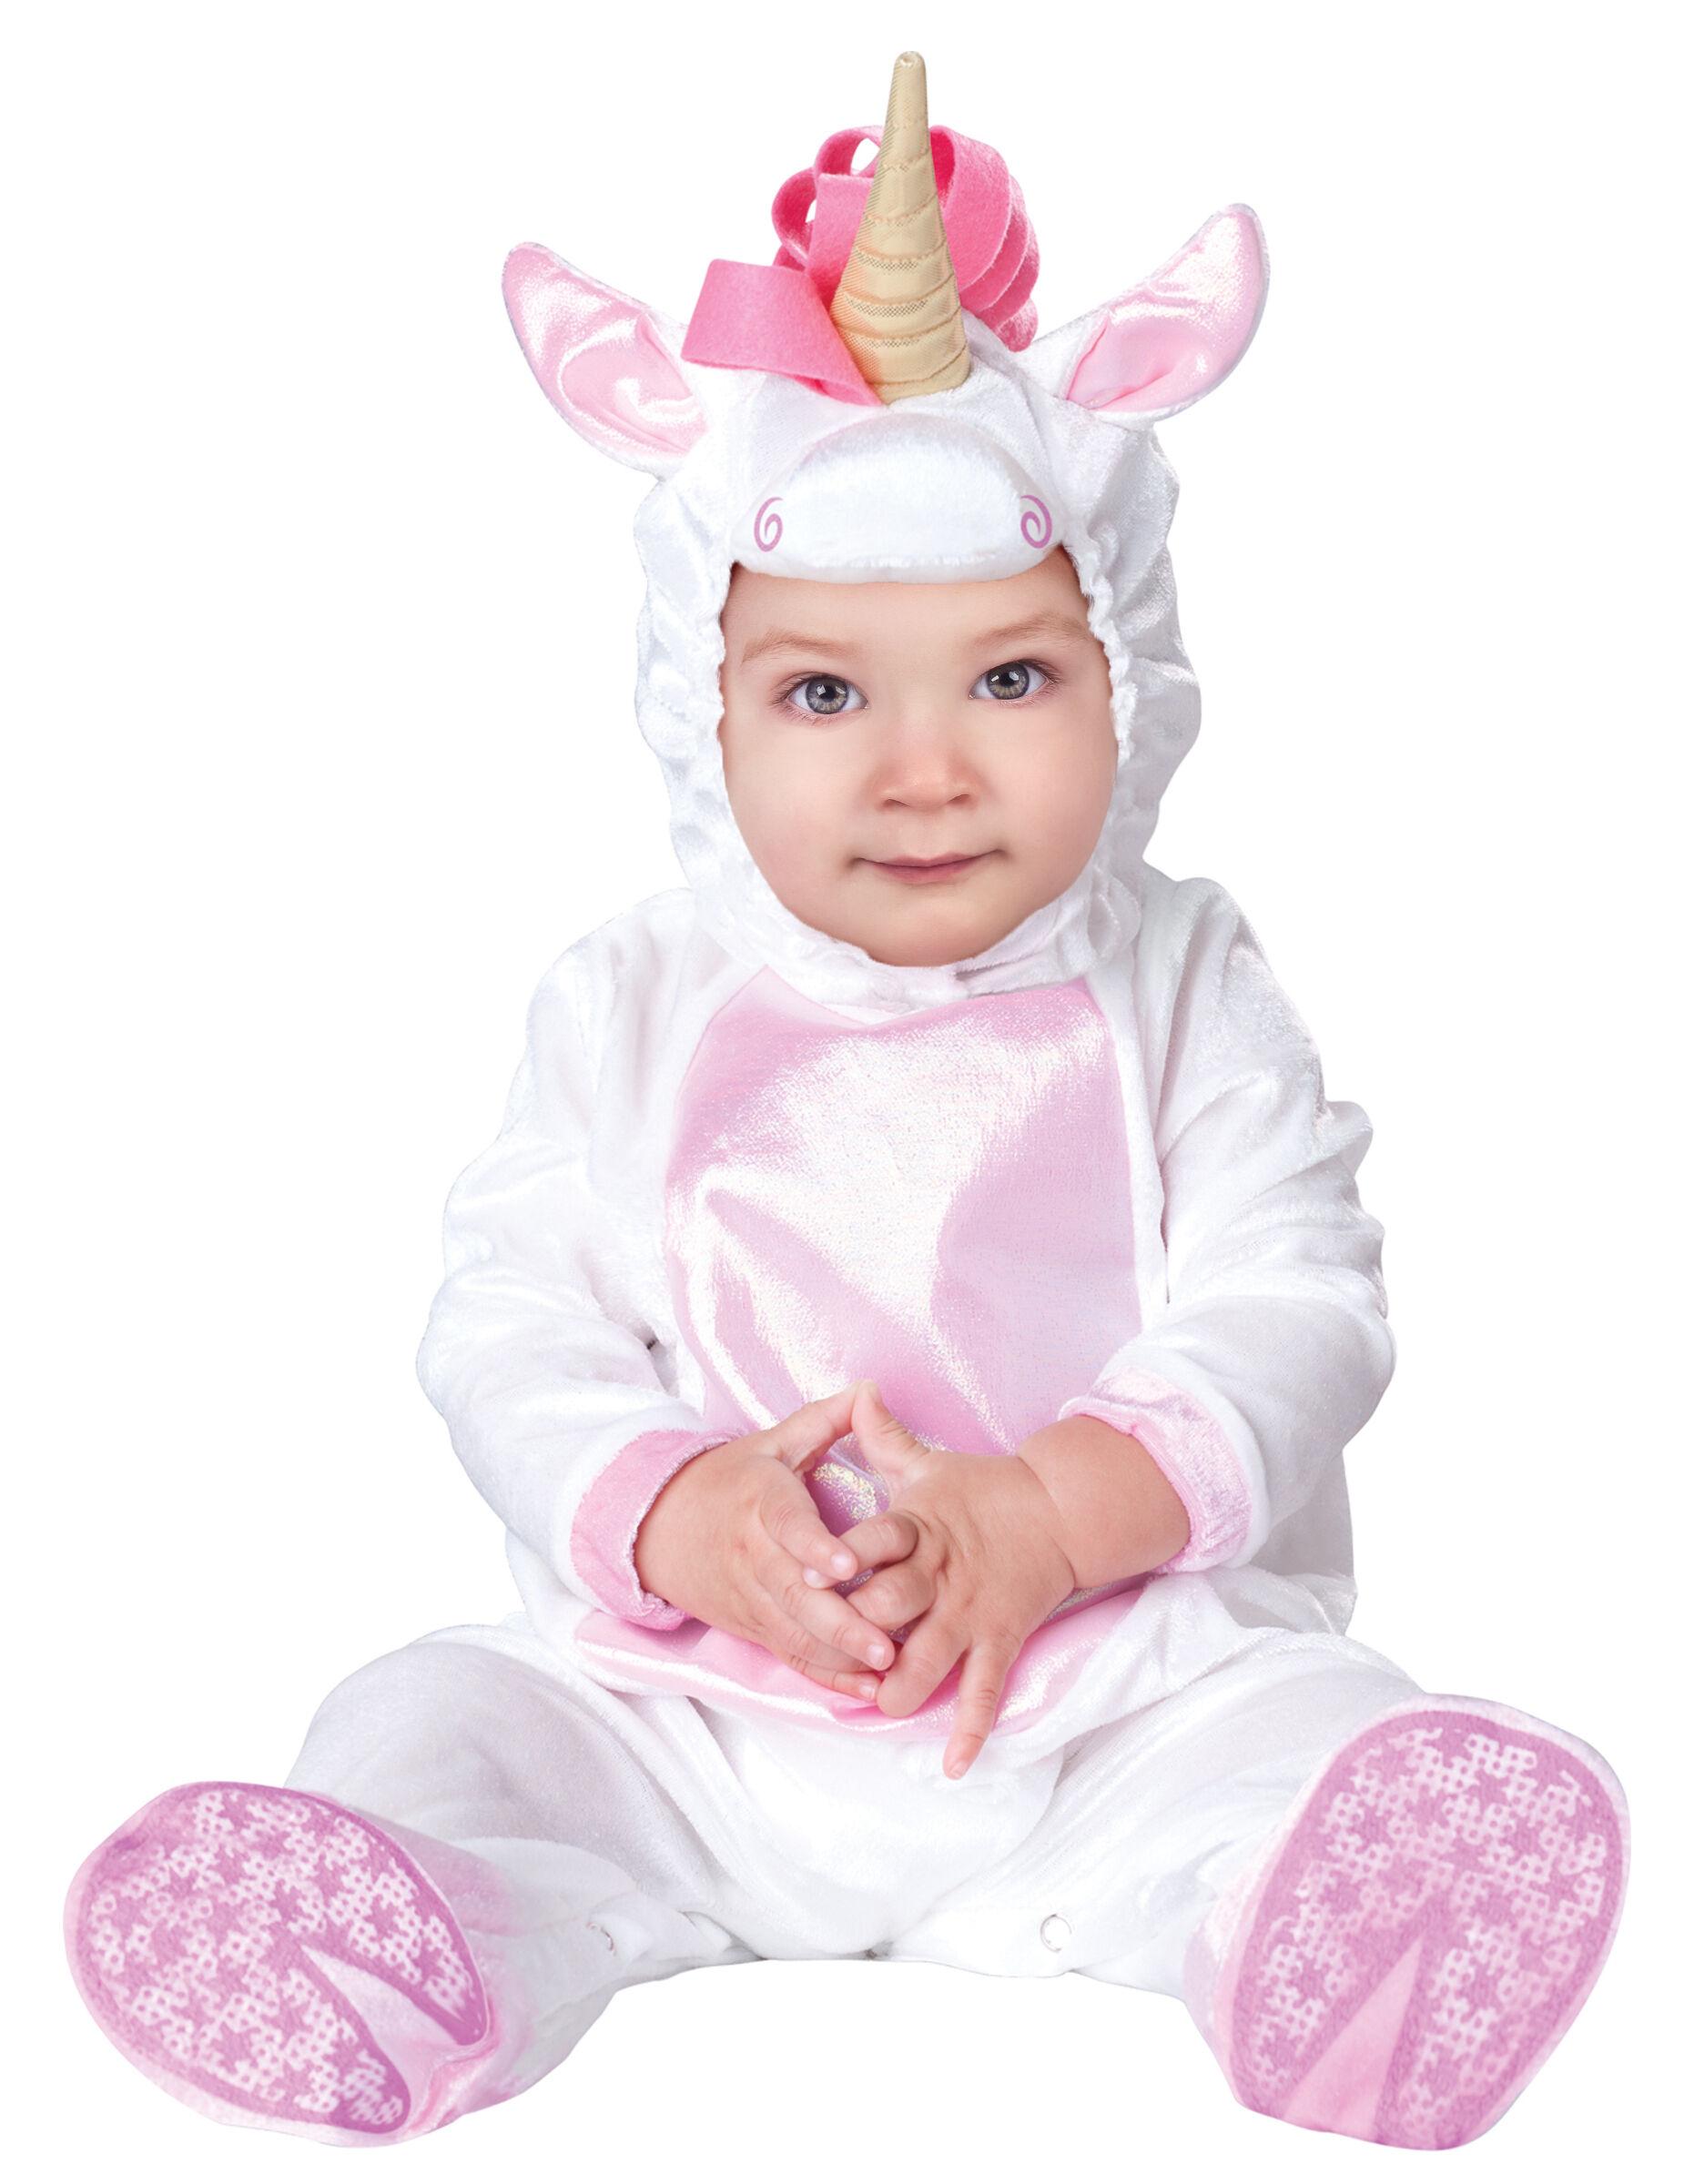 Deguisetoi Déguisement licorne pour bébé - Classique - Taille: 18-24 mois (84-89 cm)